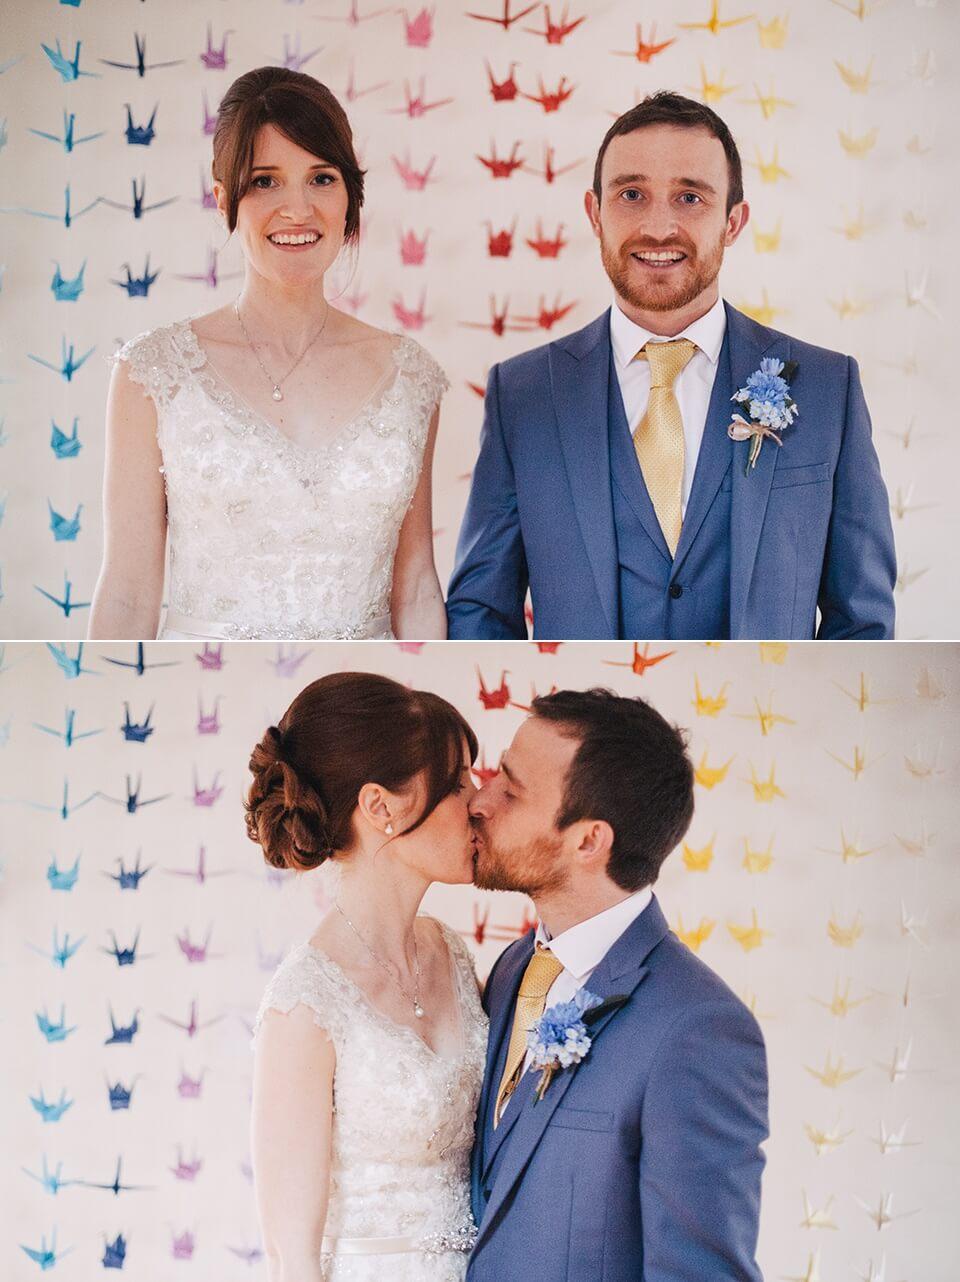 Bridal Portraits - Rainbow Origami Cranes